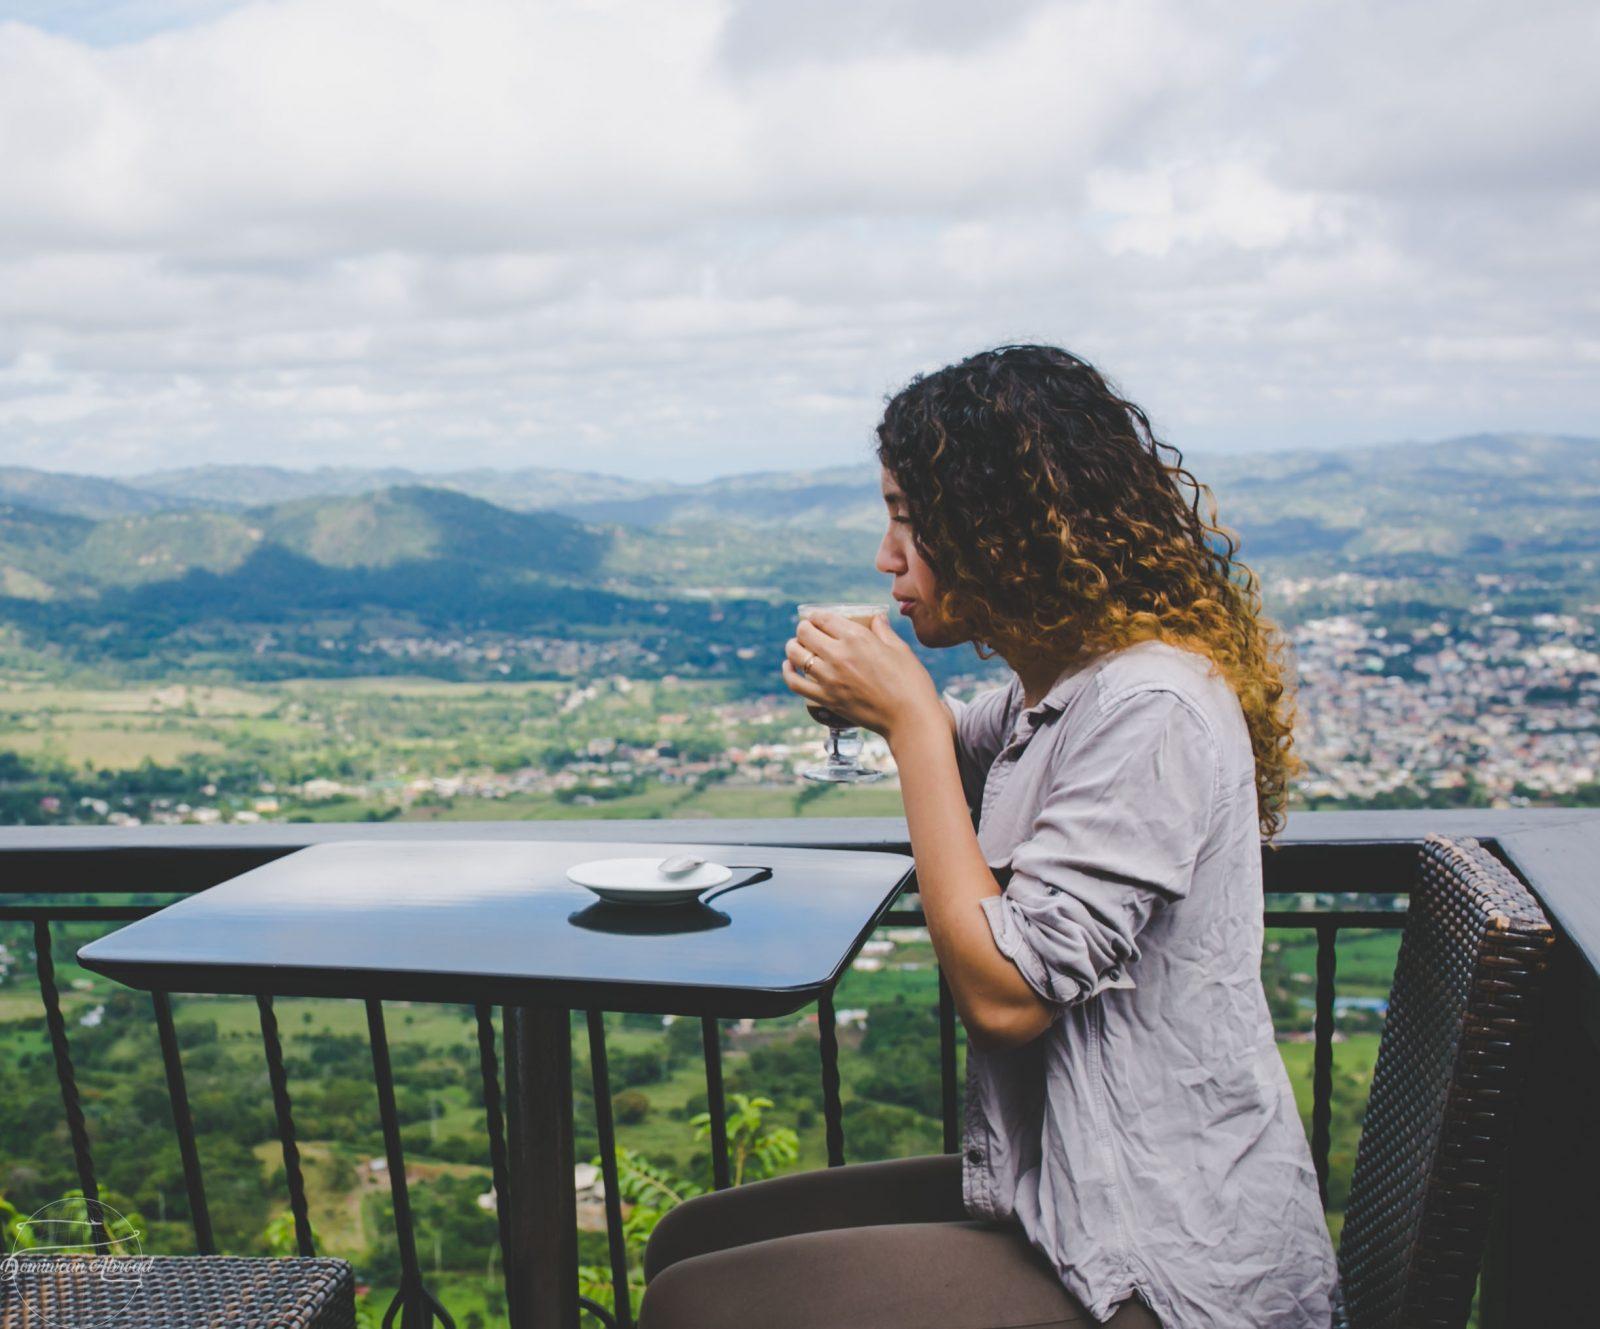 Escort in Monte Cristi